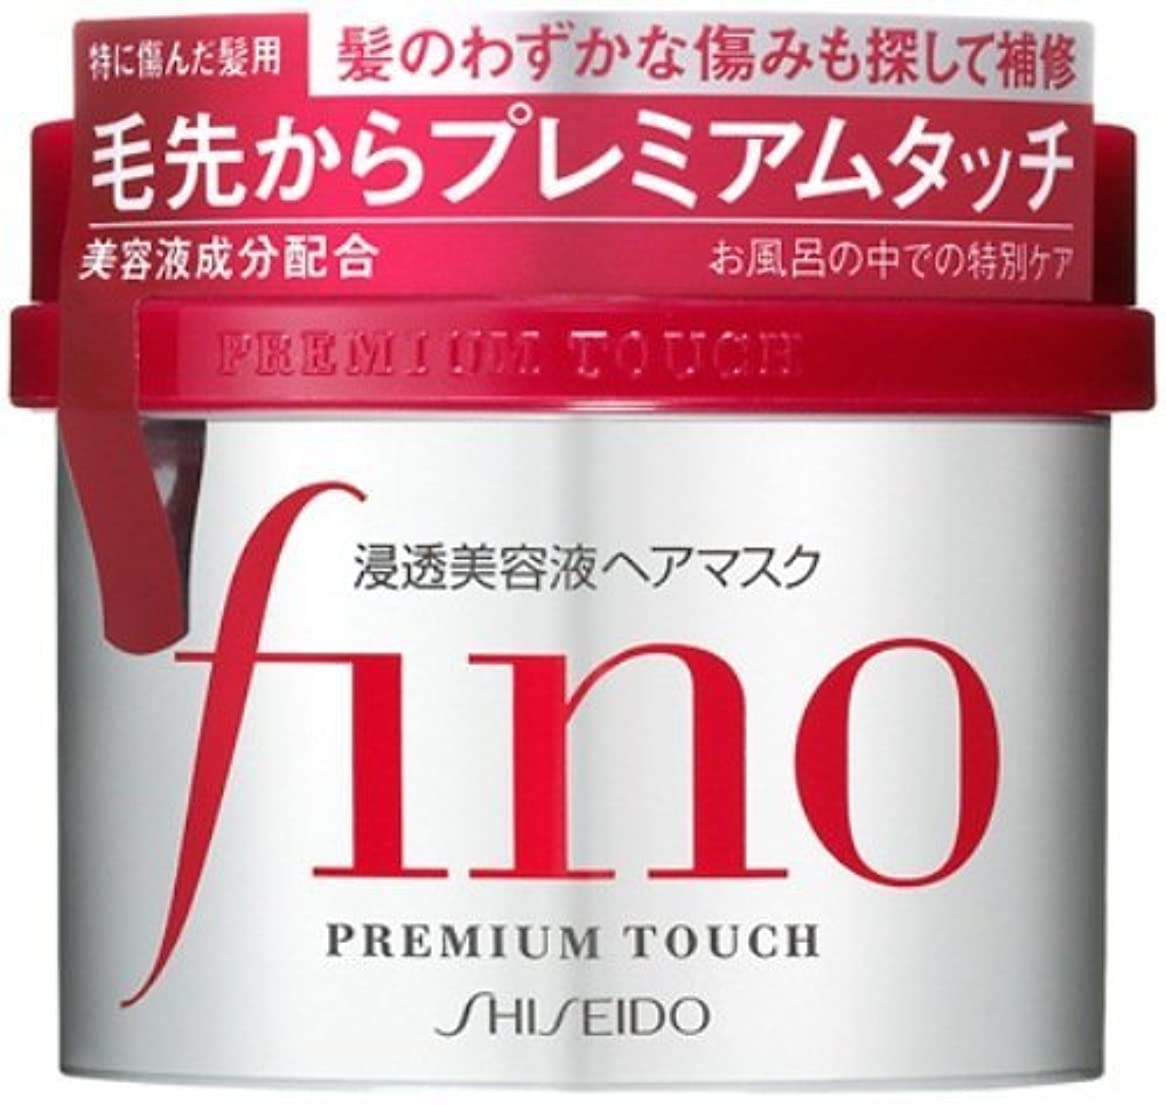 愛撫悪性の直径フィーノ浸透美容液ヘアマスク230G × 10個セット